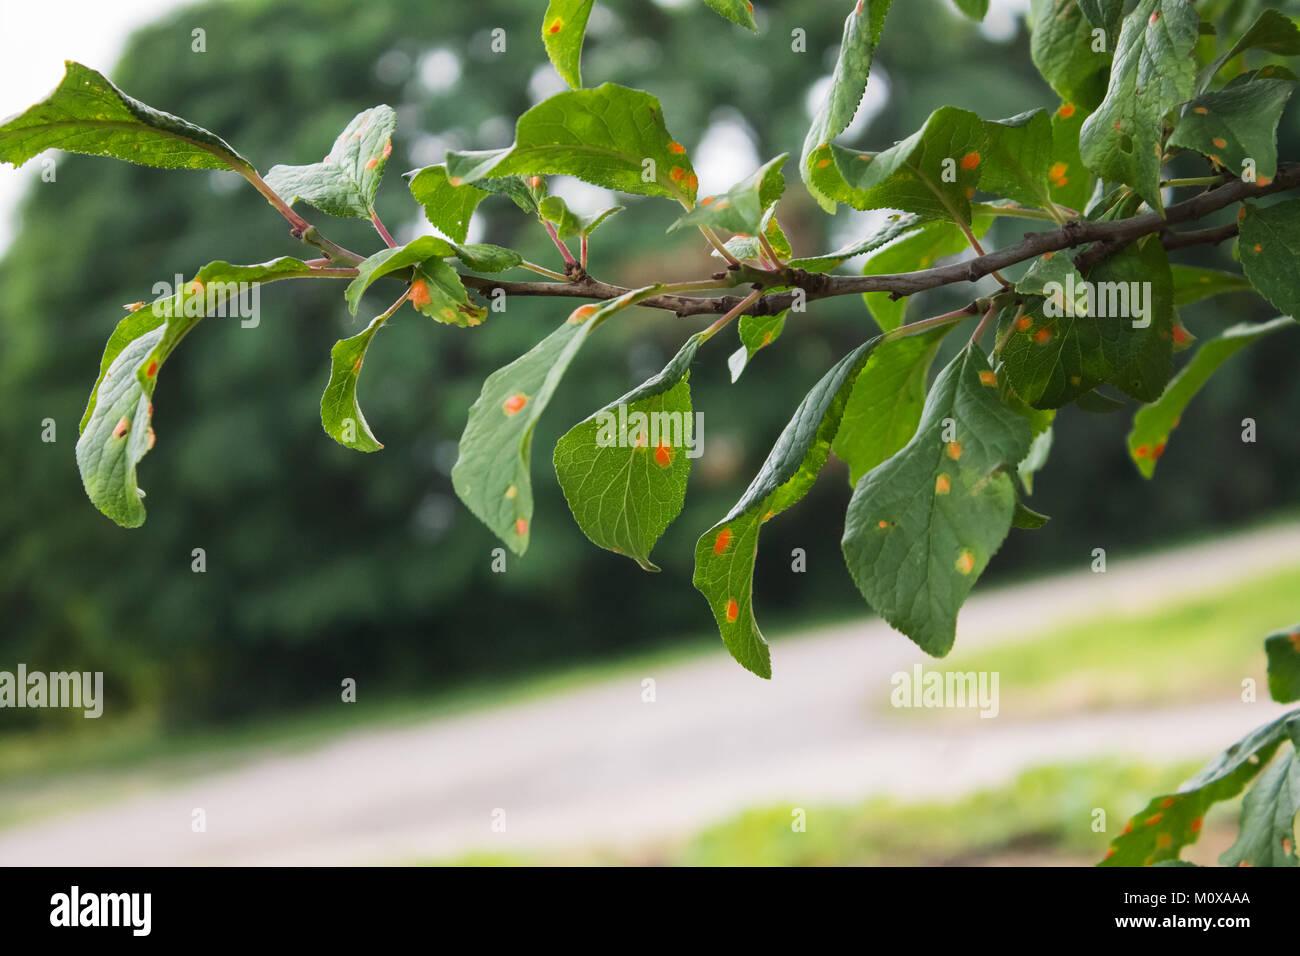 Foto natural ciruelo branche con hojas afectadas por la enfermedad Imagen De Stock